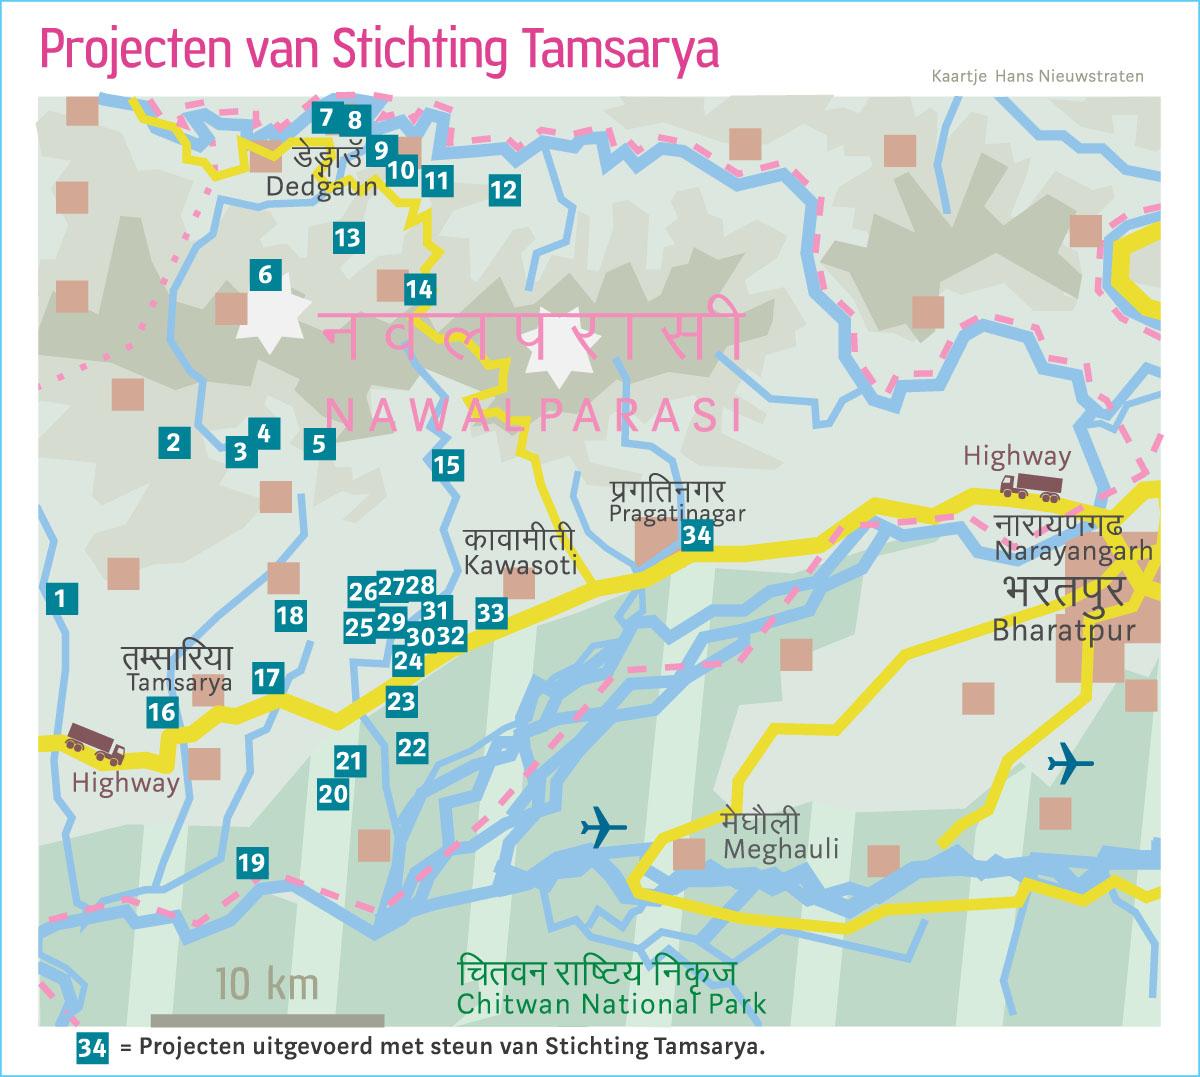 De gele stippen op de kaart geven de locaties van de projecten aan.